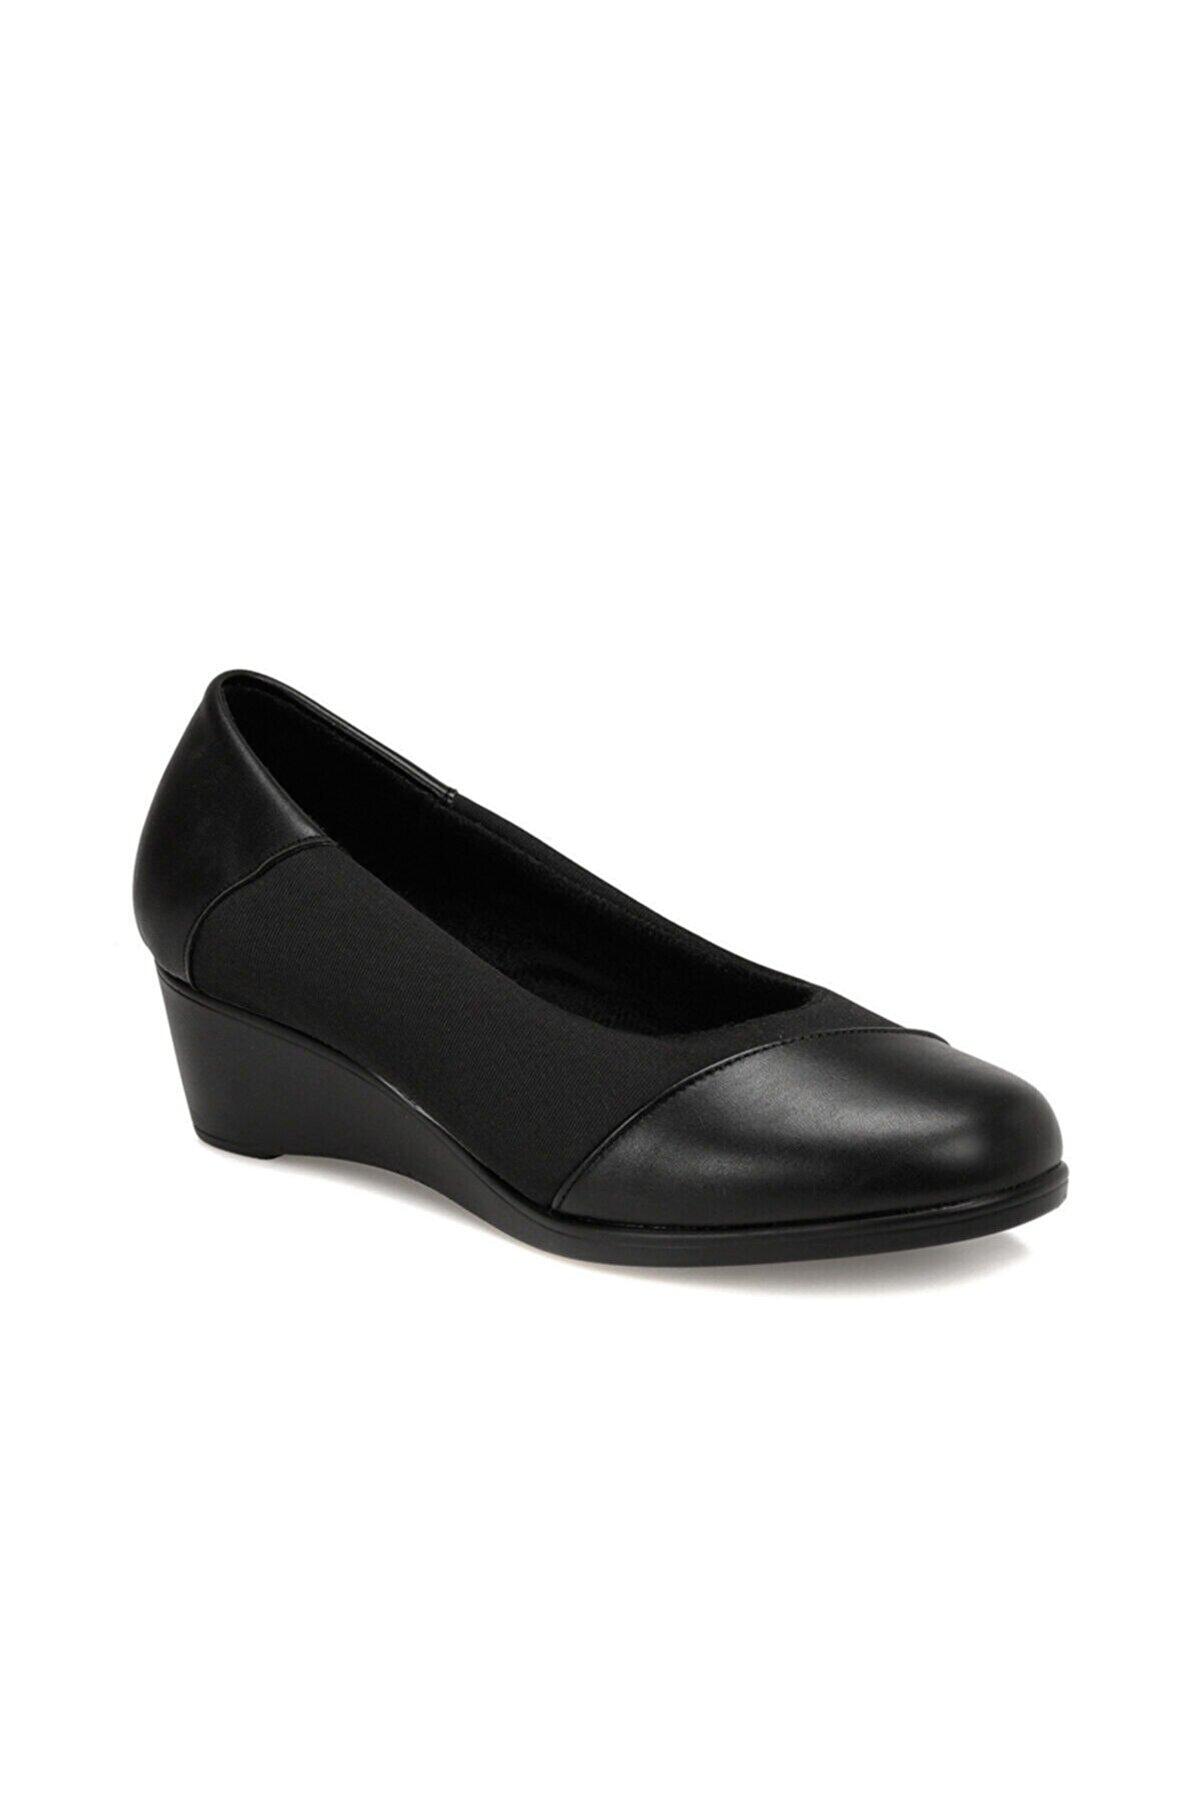 Polaris 161389.Z Siyah Kadın Comfort Ayakkabı 100548490